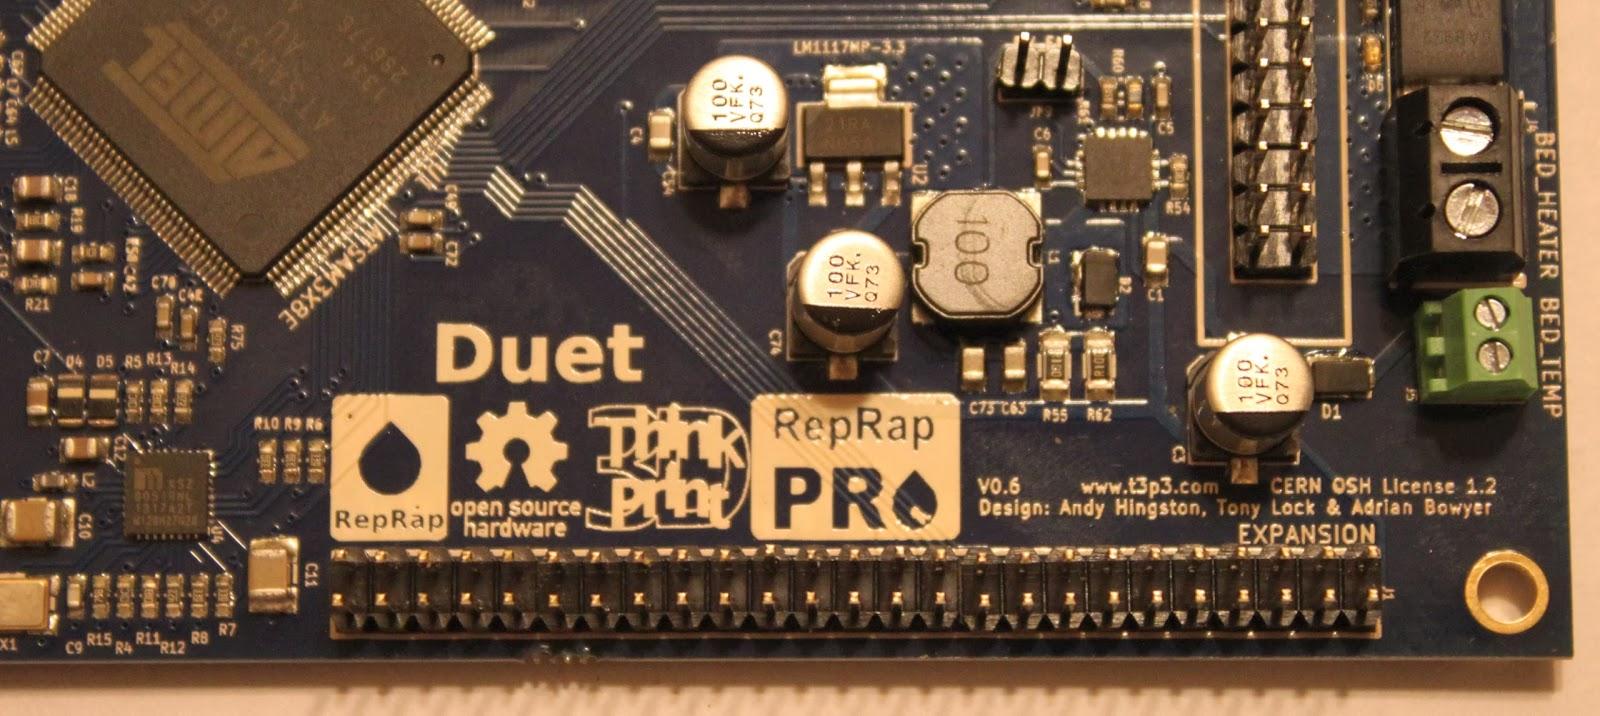 Duet ethernet firmware